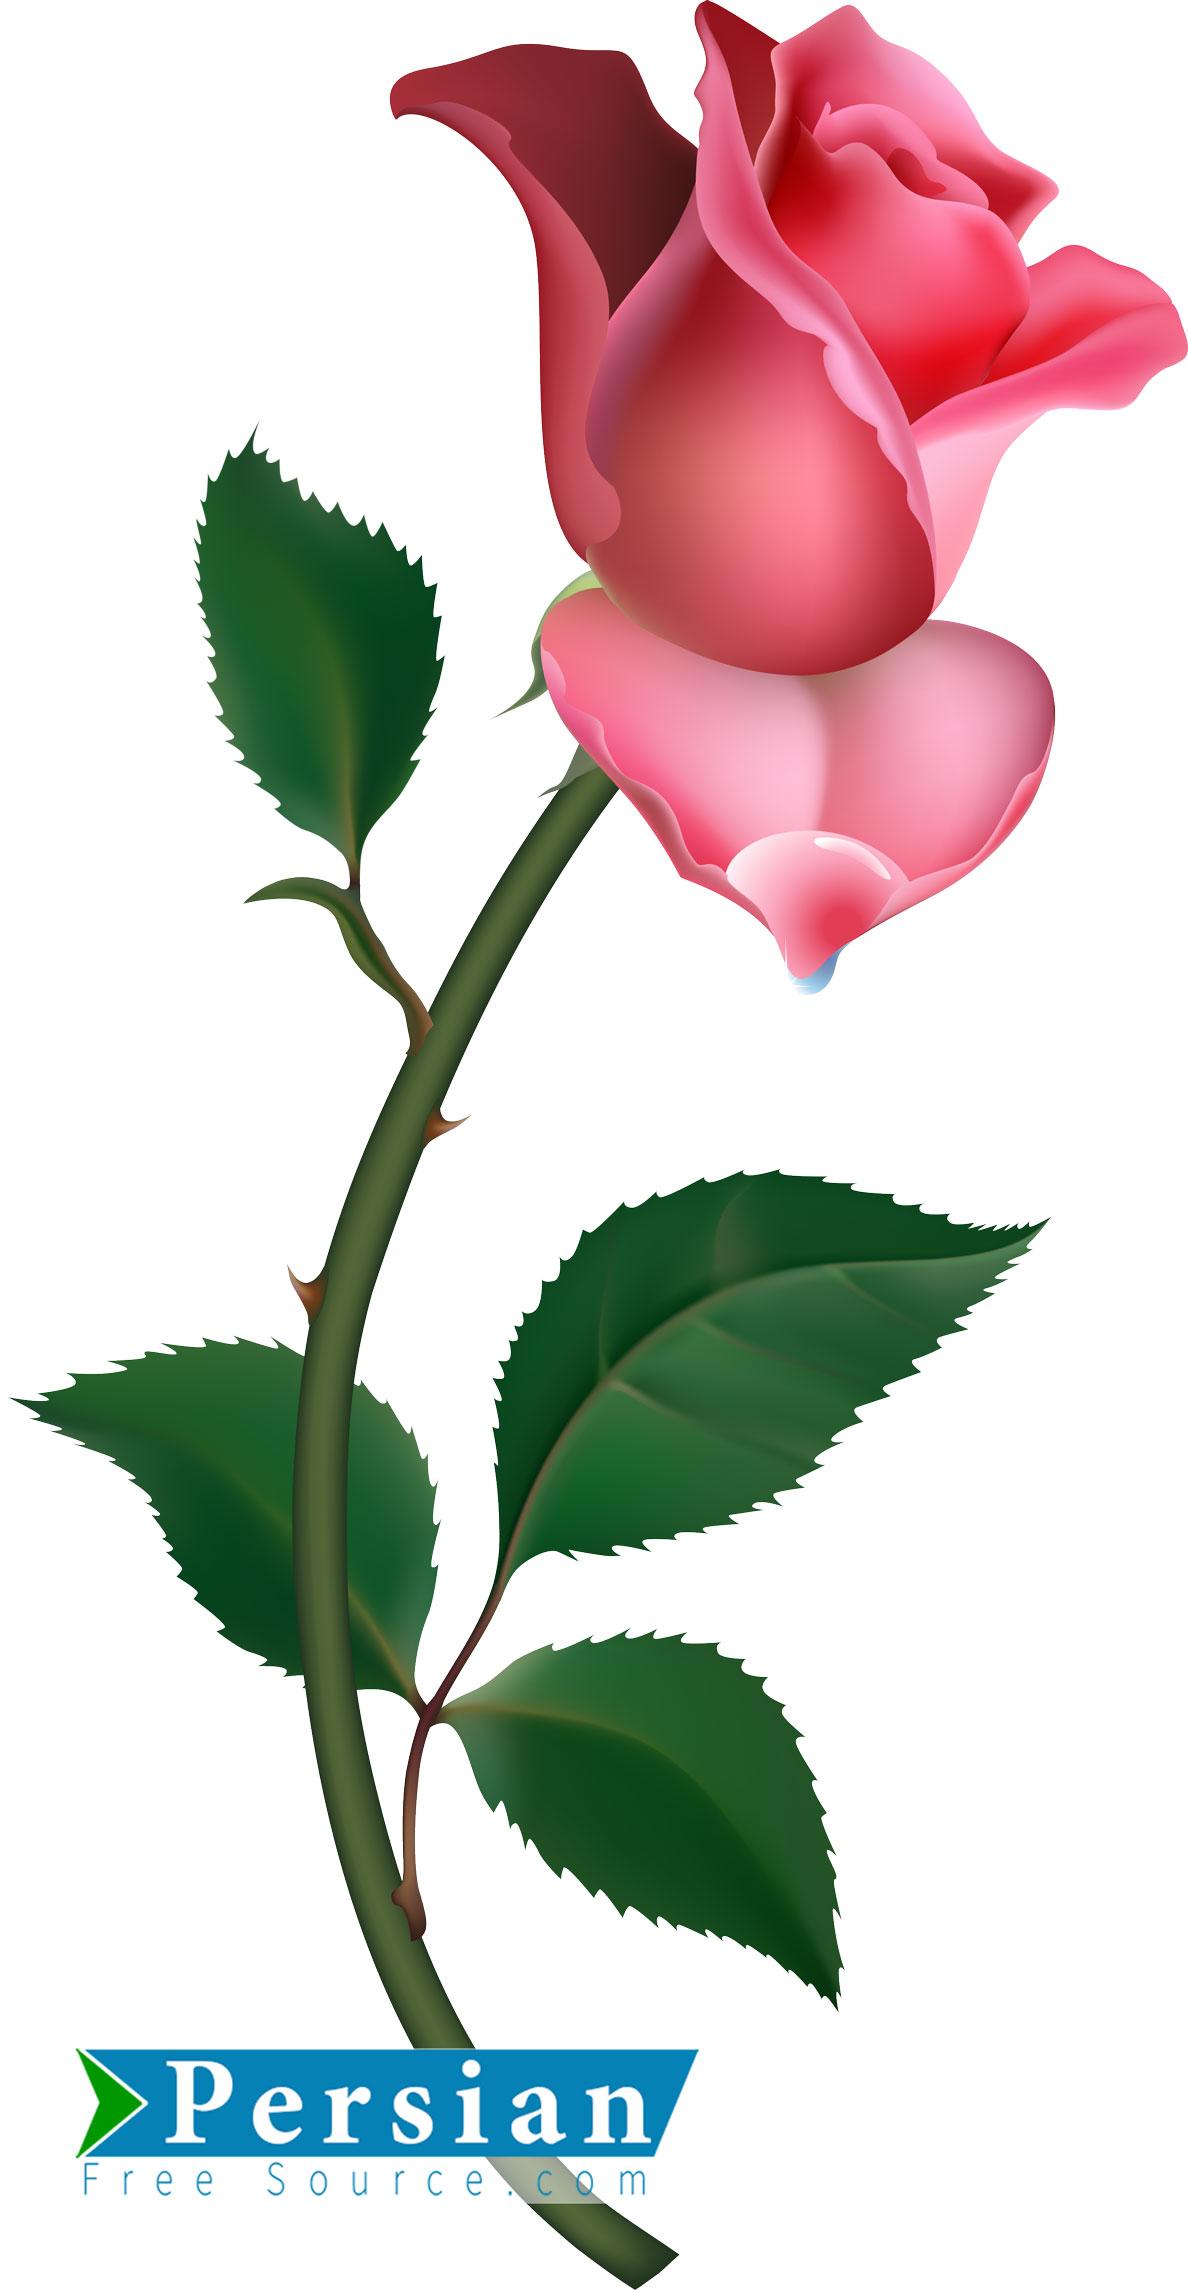 دانلود فایل لایه باز و وکتور گل سرخ Rose